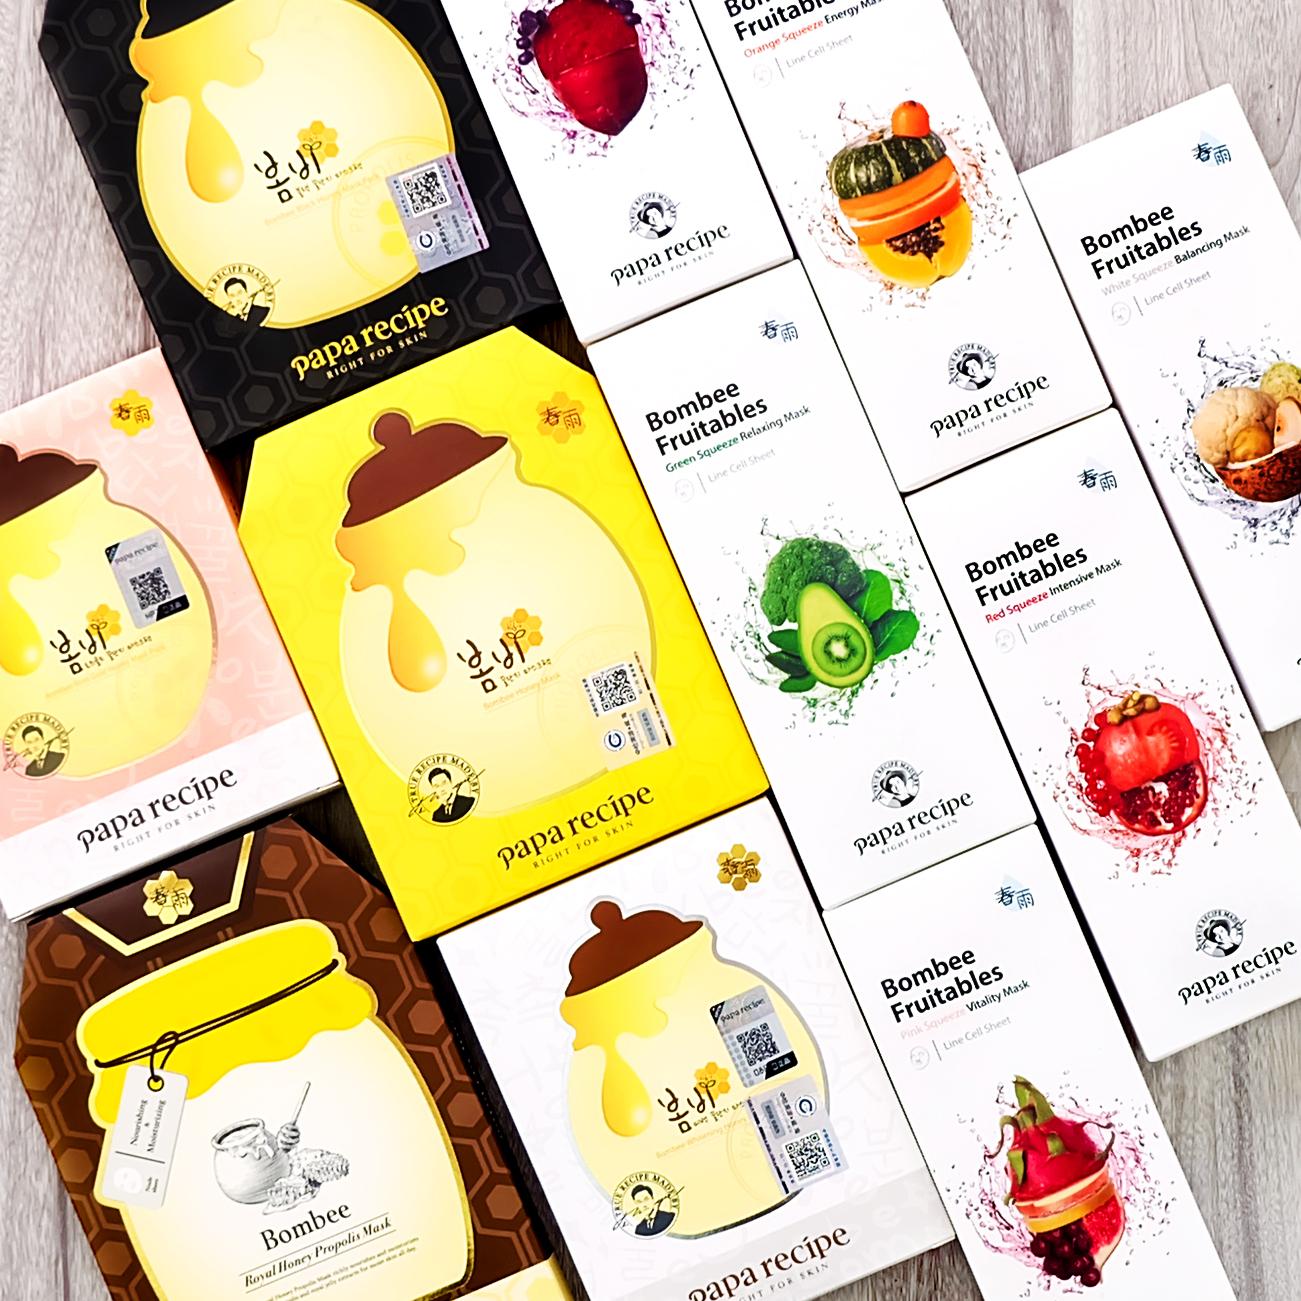 韩国正品papa recipe蜂蜜黄春雨面膜女小蜜罐黑蜂胶补水盒装图片